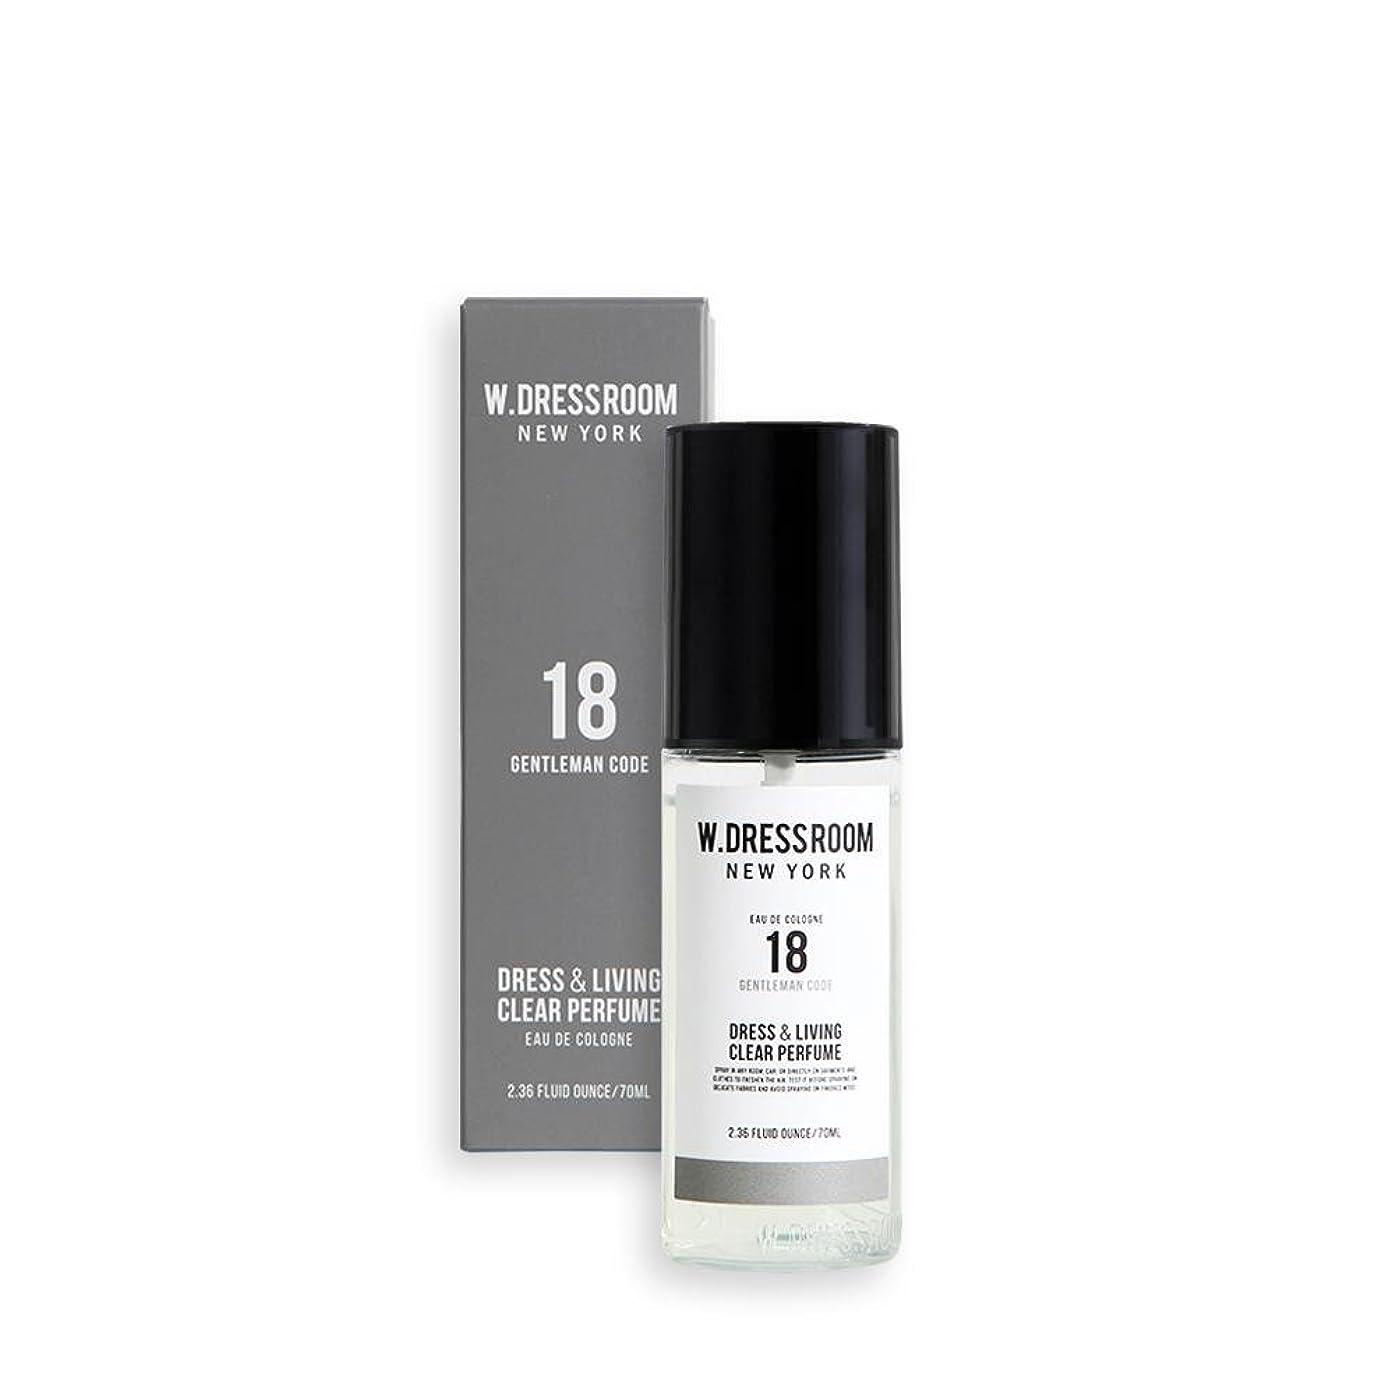 アルネ西ゴミ箱W.DRESSROOM Dress & Living Clear Perfume fragrance 70ml (#No.18 Gentleman Code)/ダブルドレスルーム ドレス&リビング クリア パフューム 70ml (#No.18 Gentleman Code)